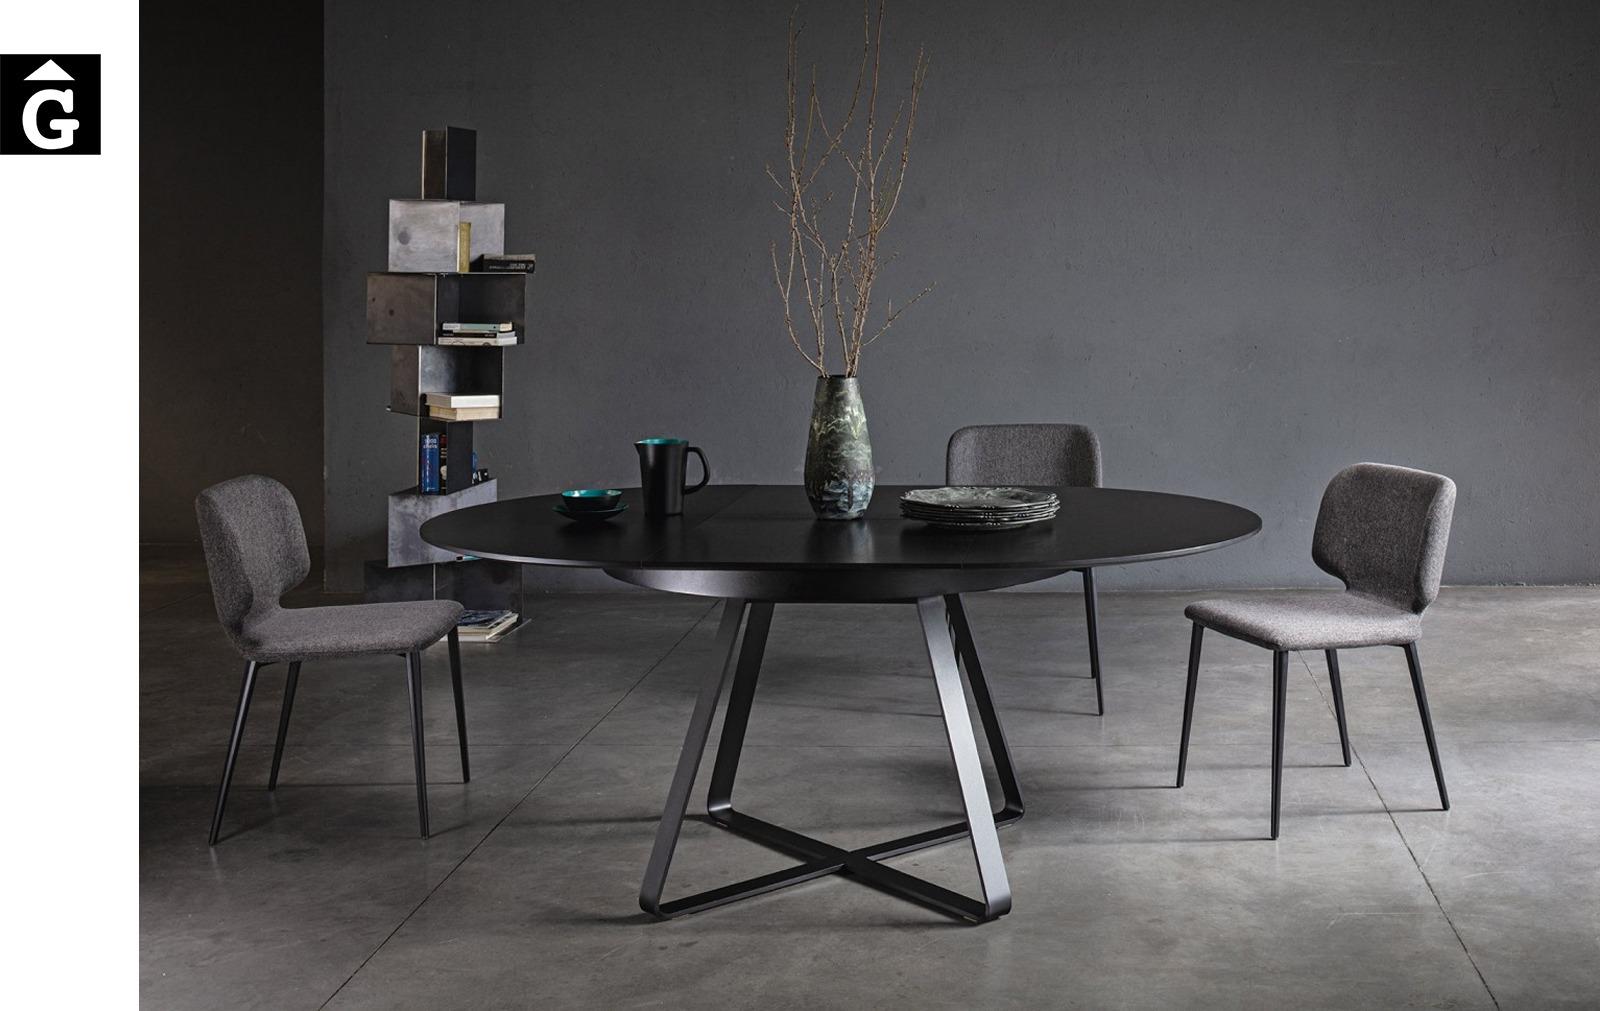 Taula rodona extensible ambient selecta   MIDJ   mobles Gifreu   Productes de qualitat